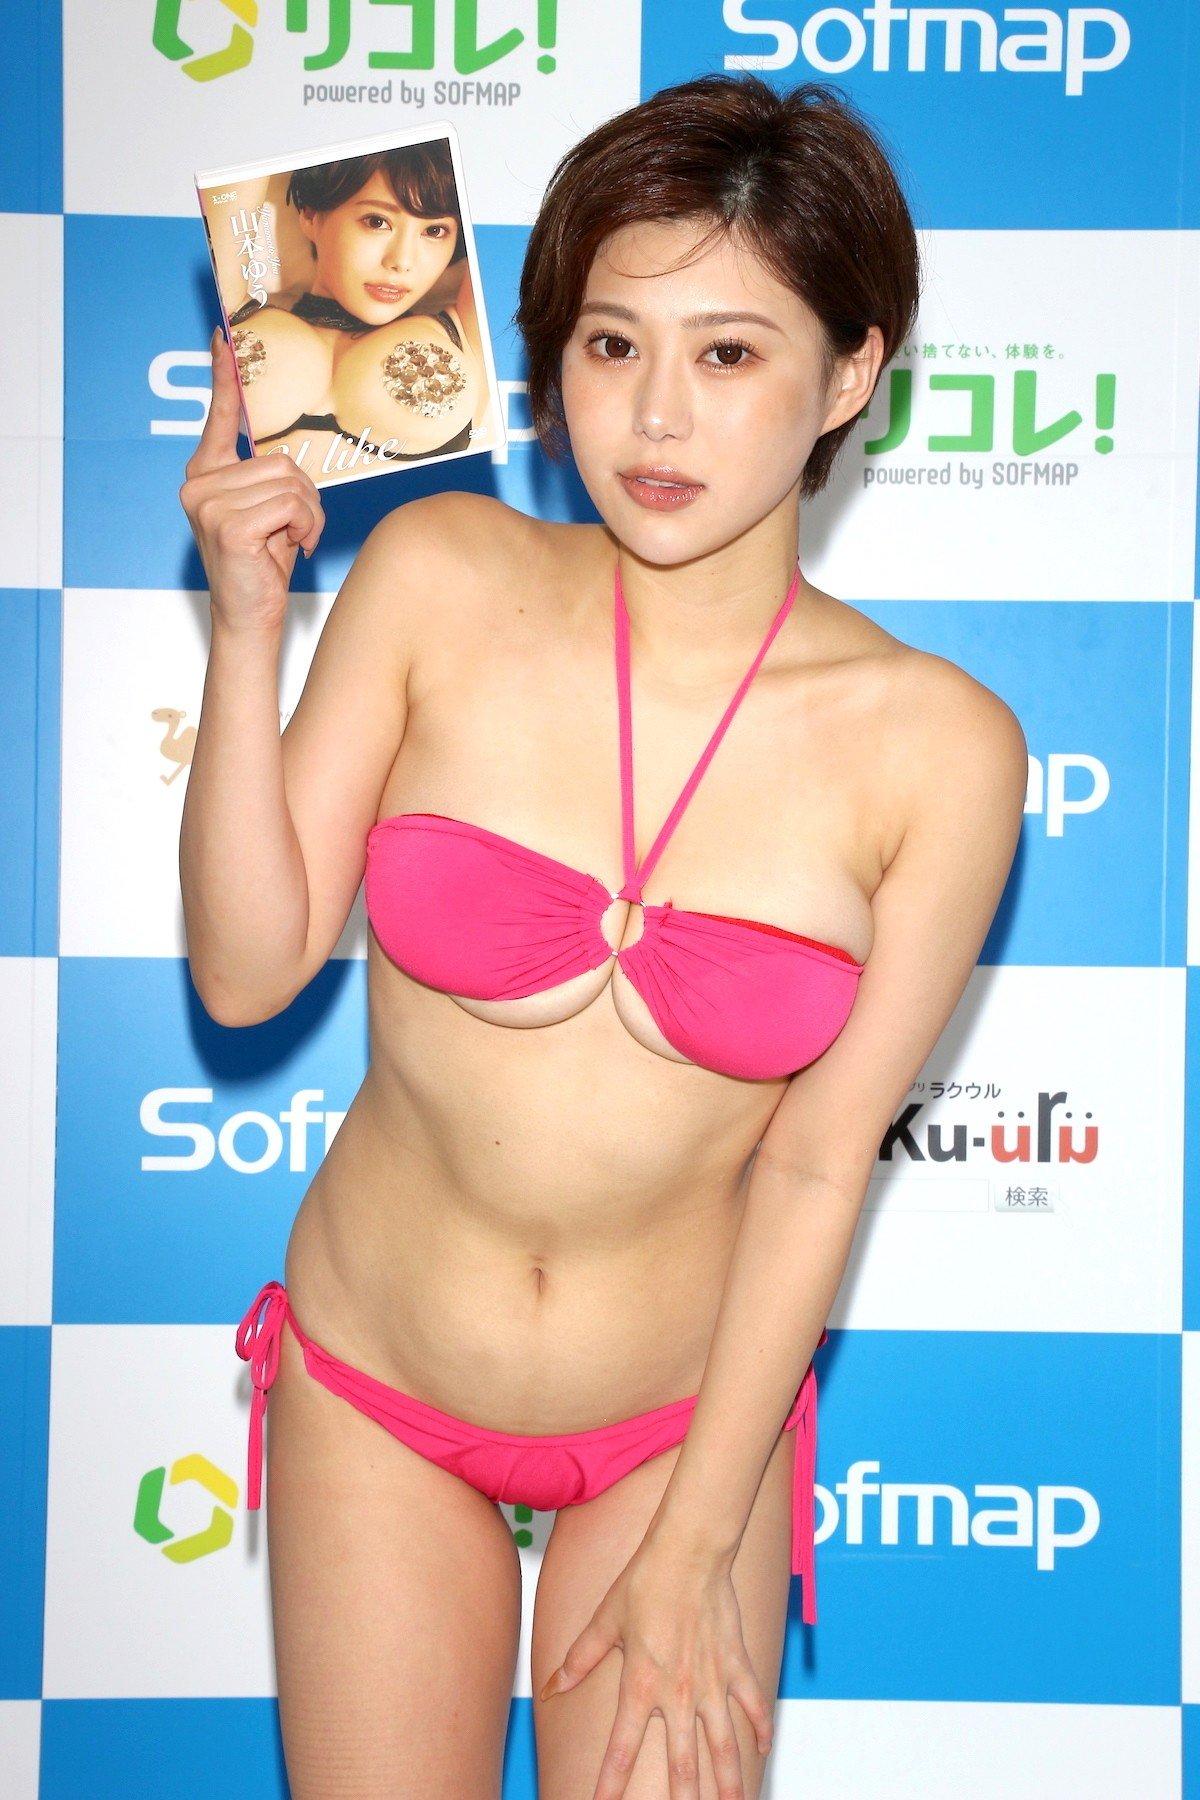 山本ゆう「裸エプロンってワードだけで」本当に何も下に着てない【画像58枚】の画像058